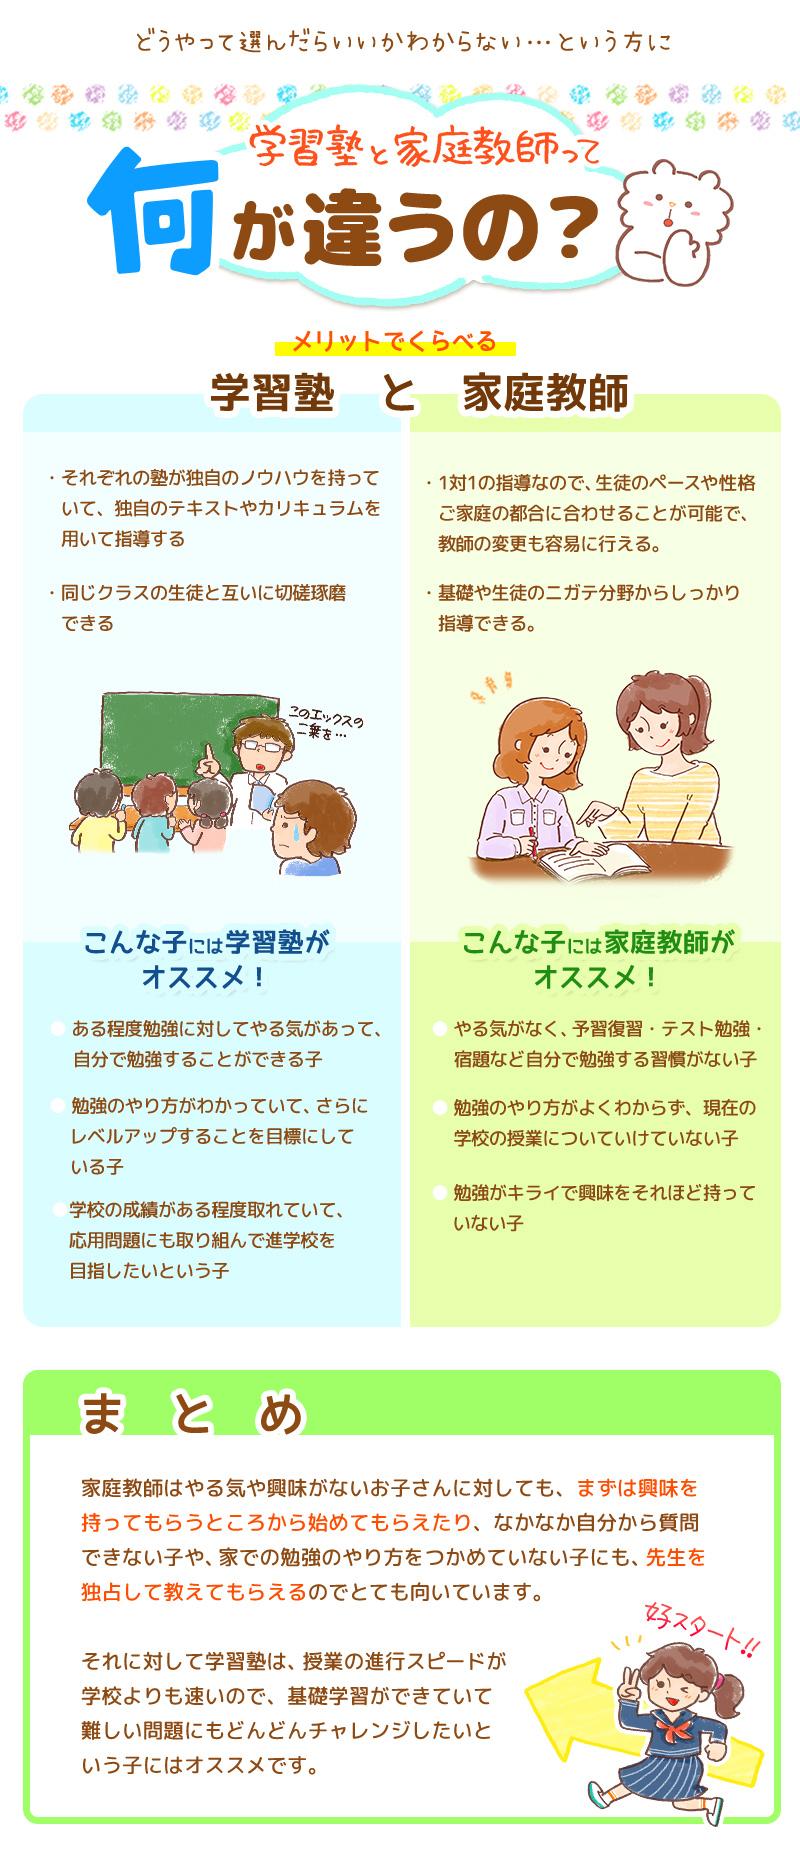 塾や個別指導と家庭教師って何が違うの?